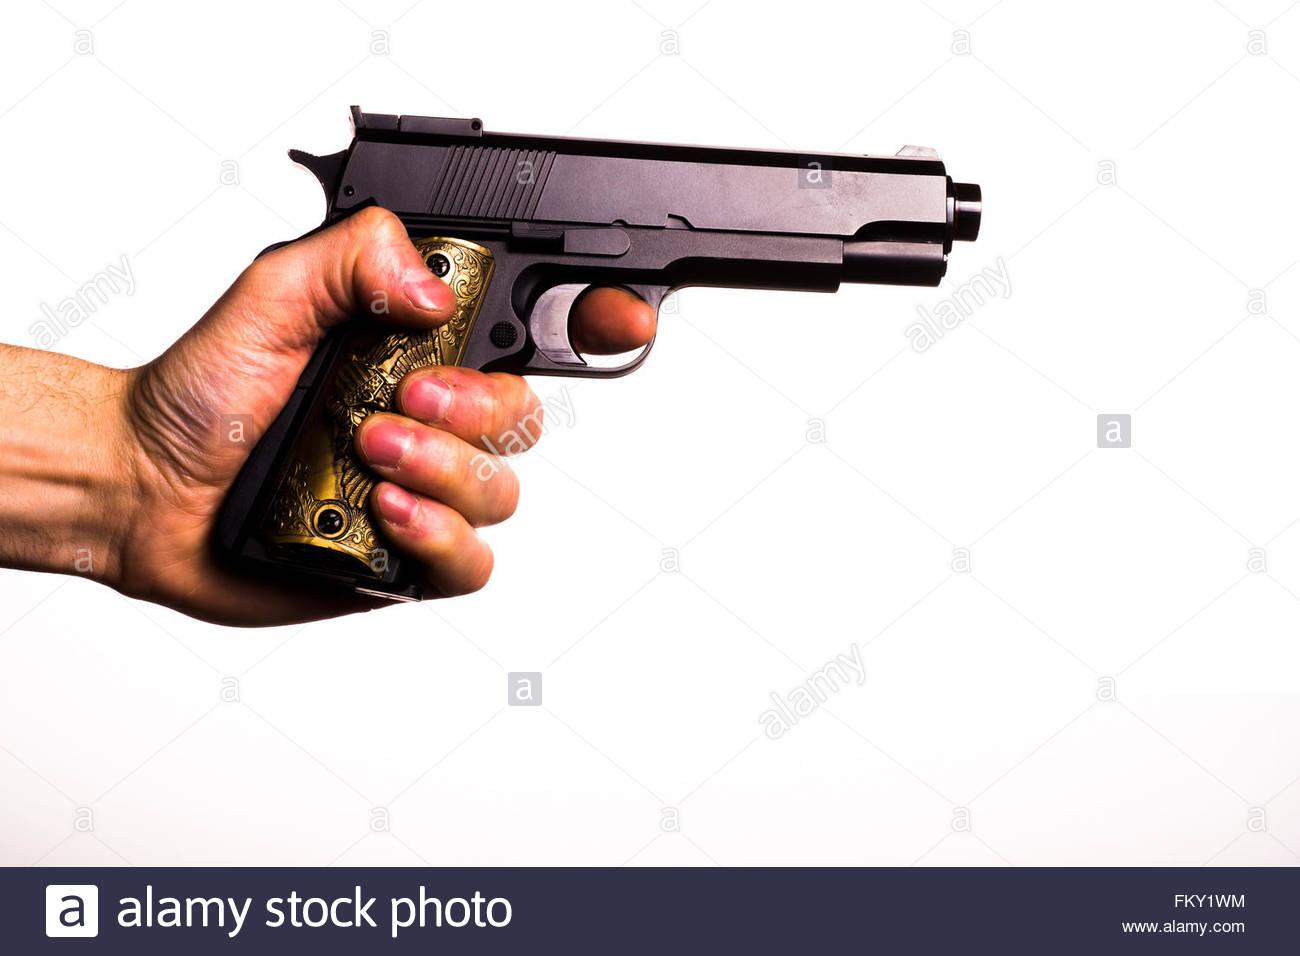 Hand Fire Pistol Stock Photos & Hand Fire Pistol Stock ...